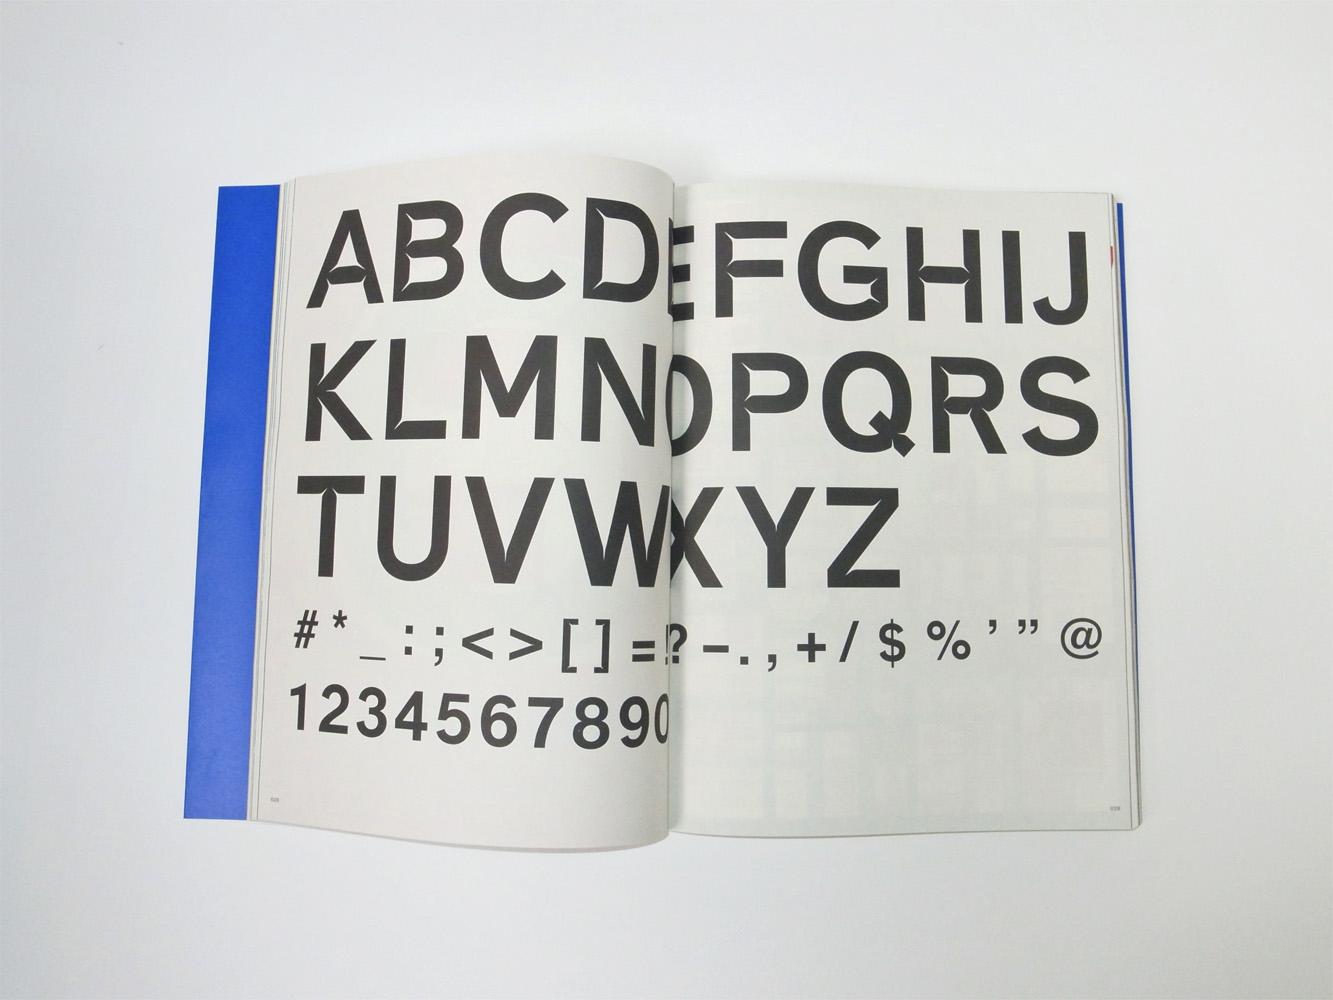 其中着重的强调了标志设计,字体设计,元素符号,图案编排等设计语言的